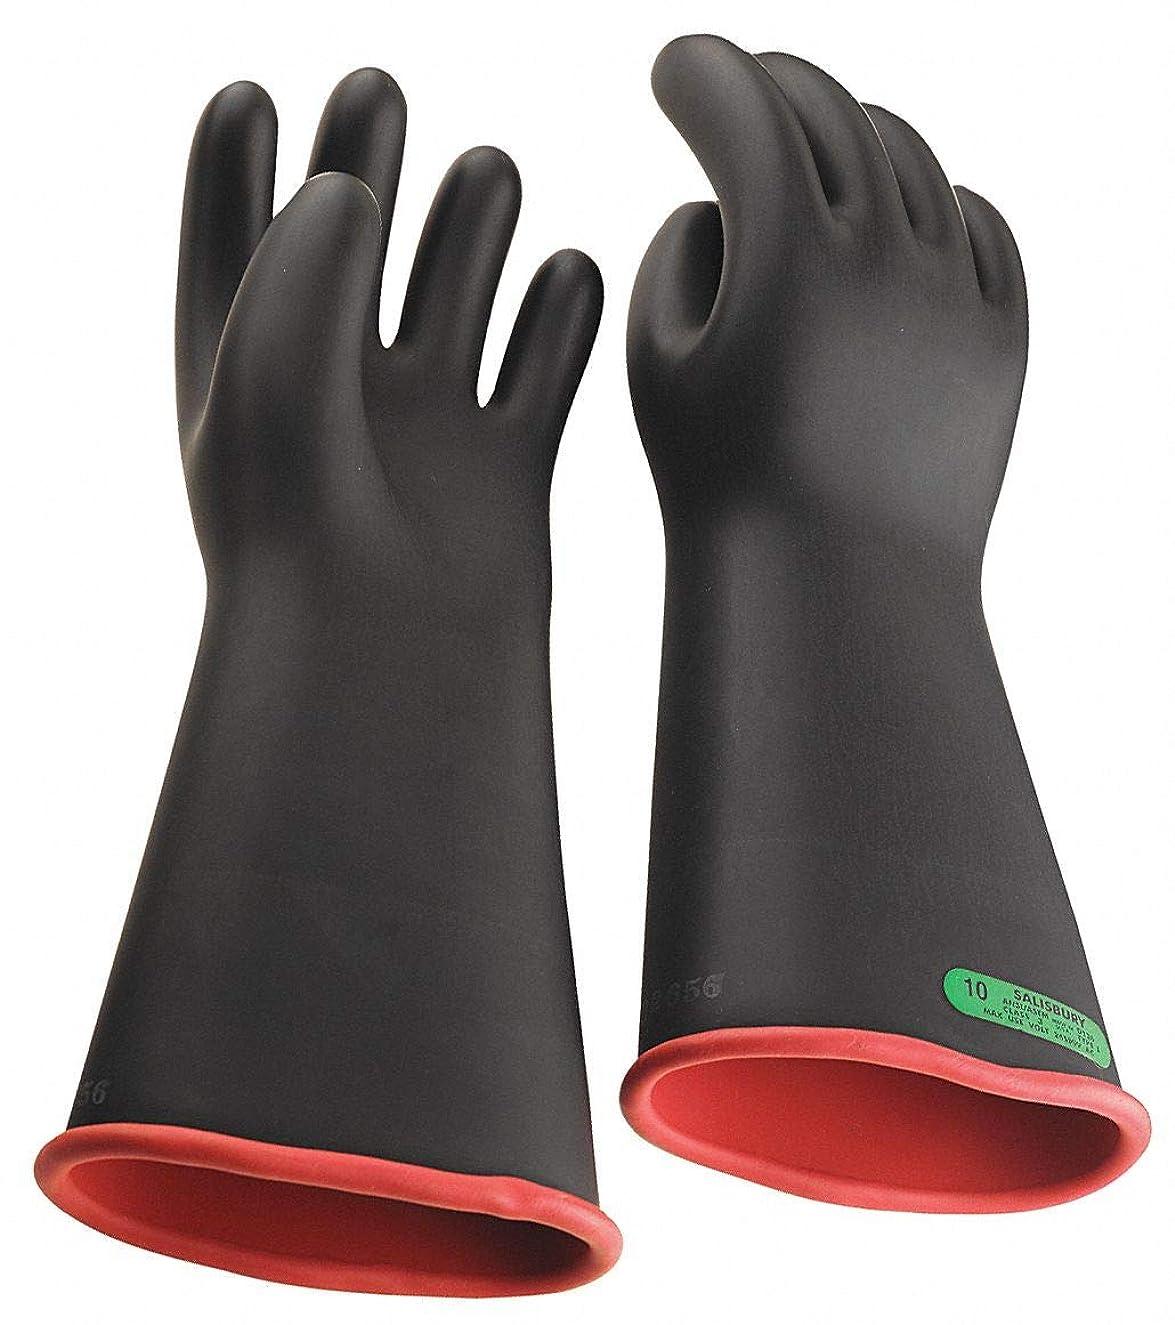 方法袋生活ブラックexteriorx2?F ;レッド内部電気手袋、天然ゴム、3クラス、サイズ10?–?1?x 2?F ; 2?–?1各